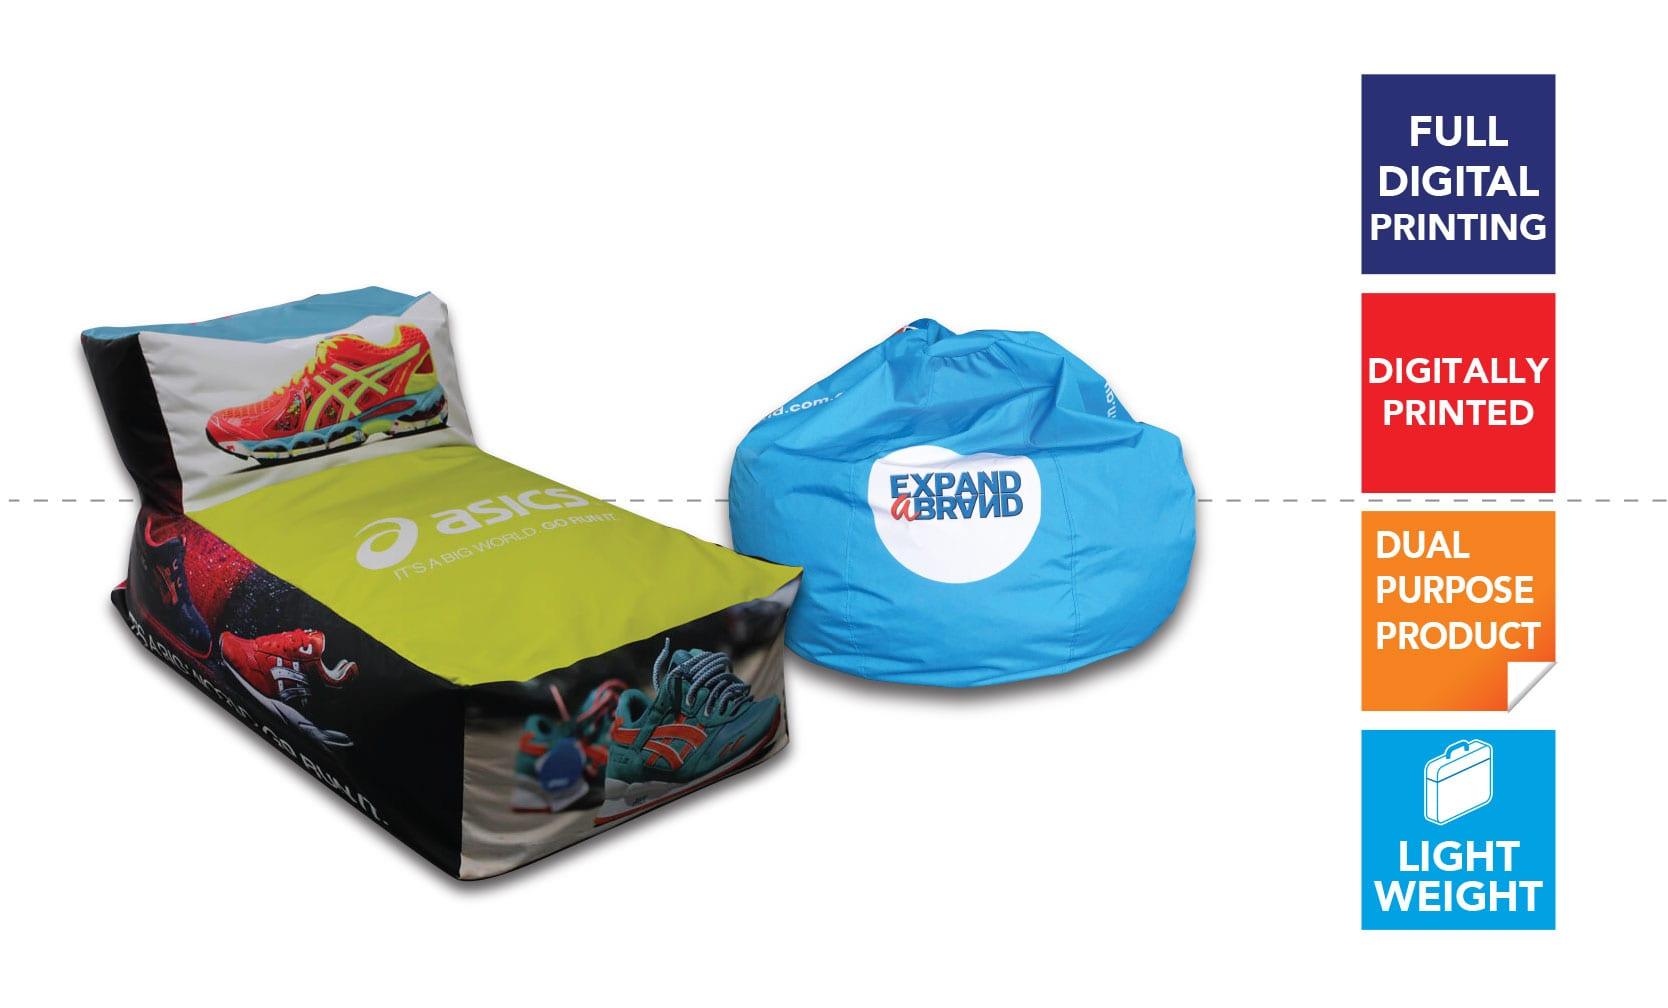 Branded Bean Bags